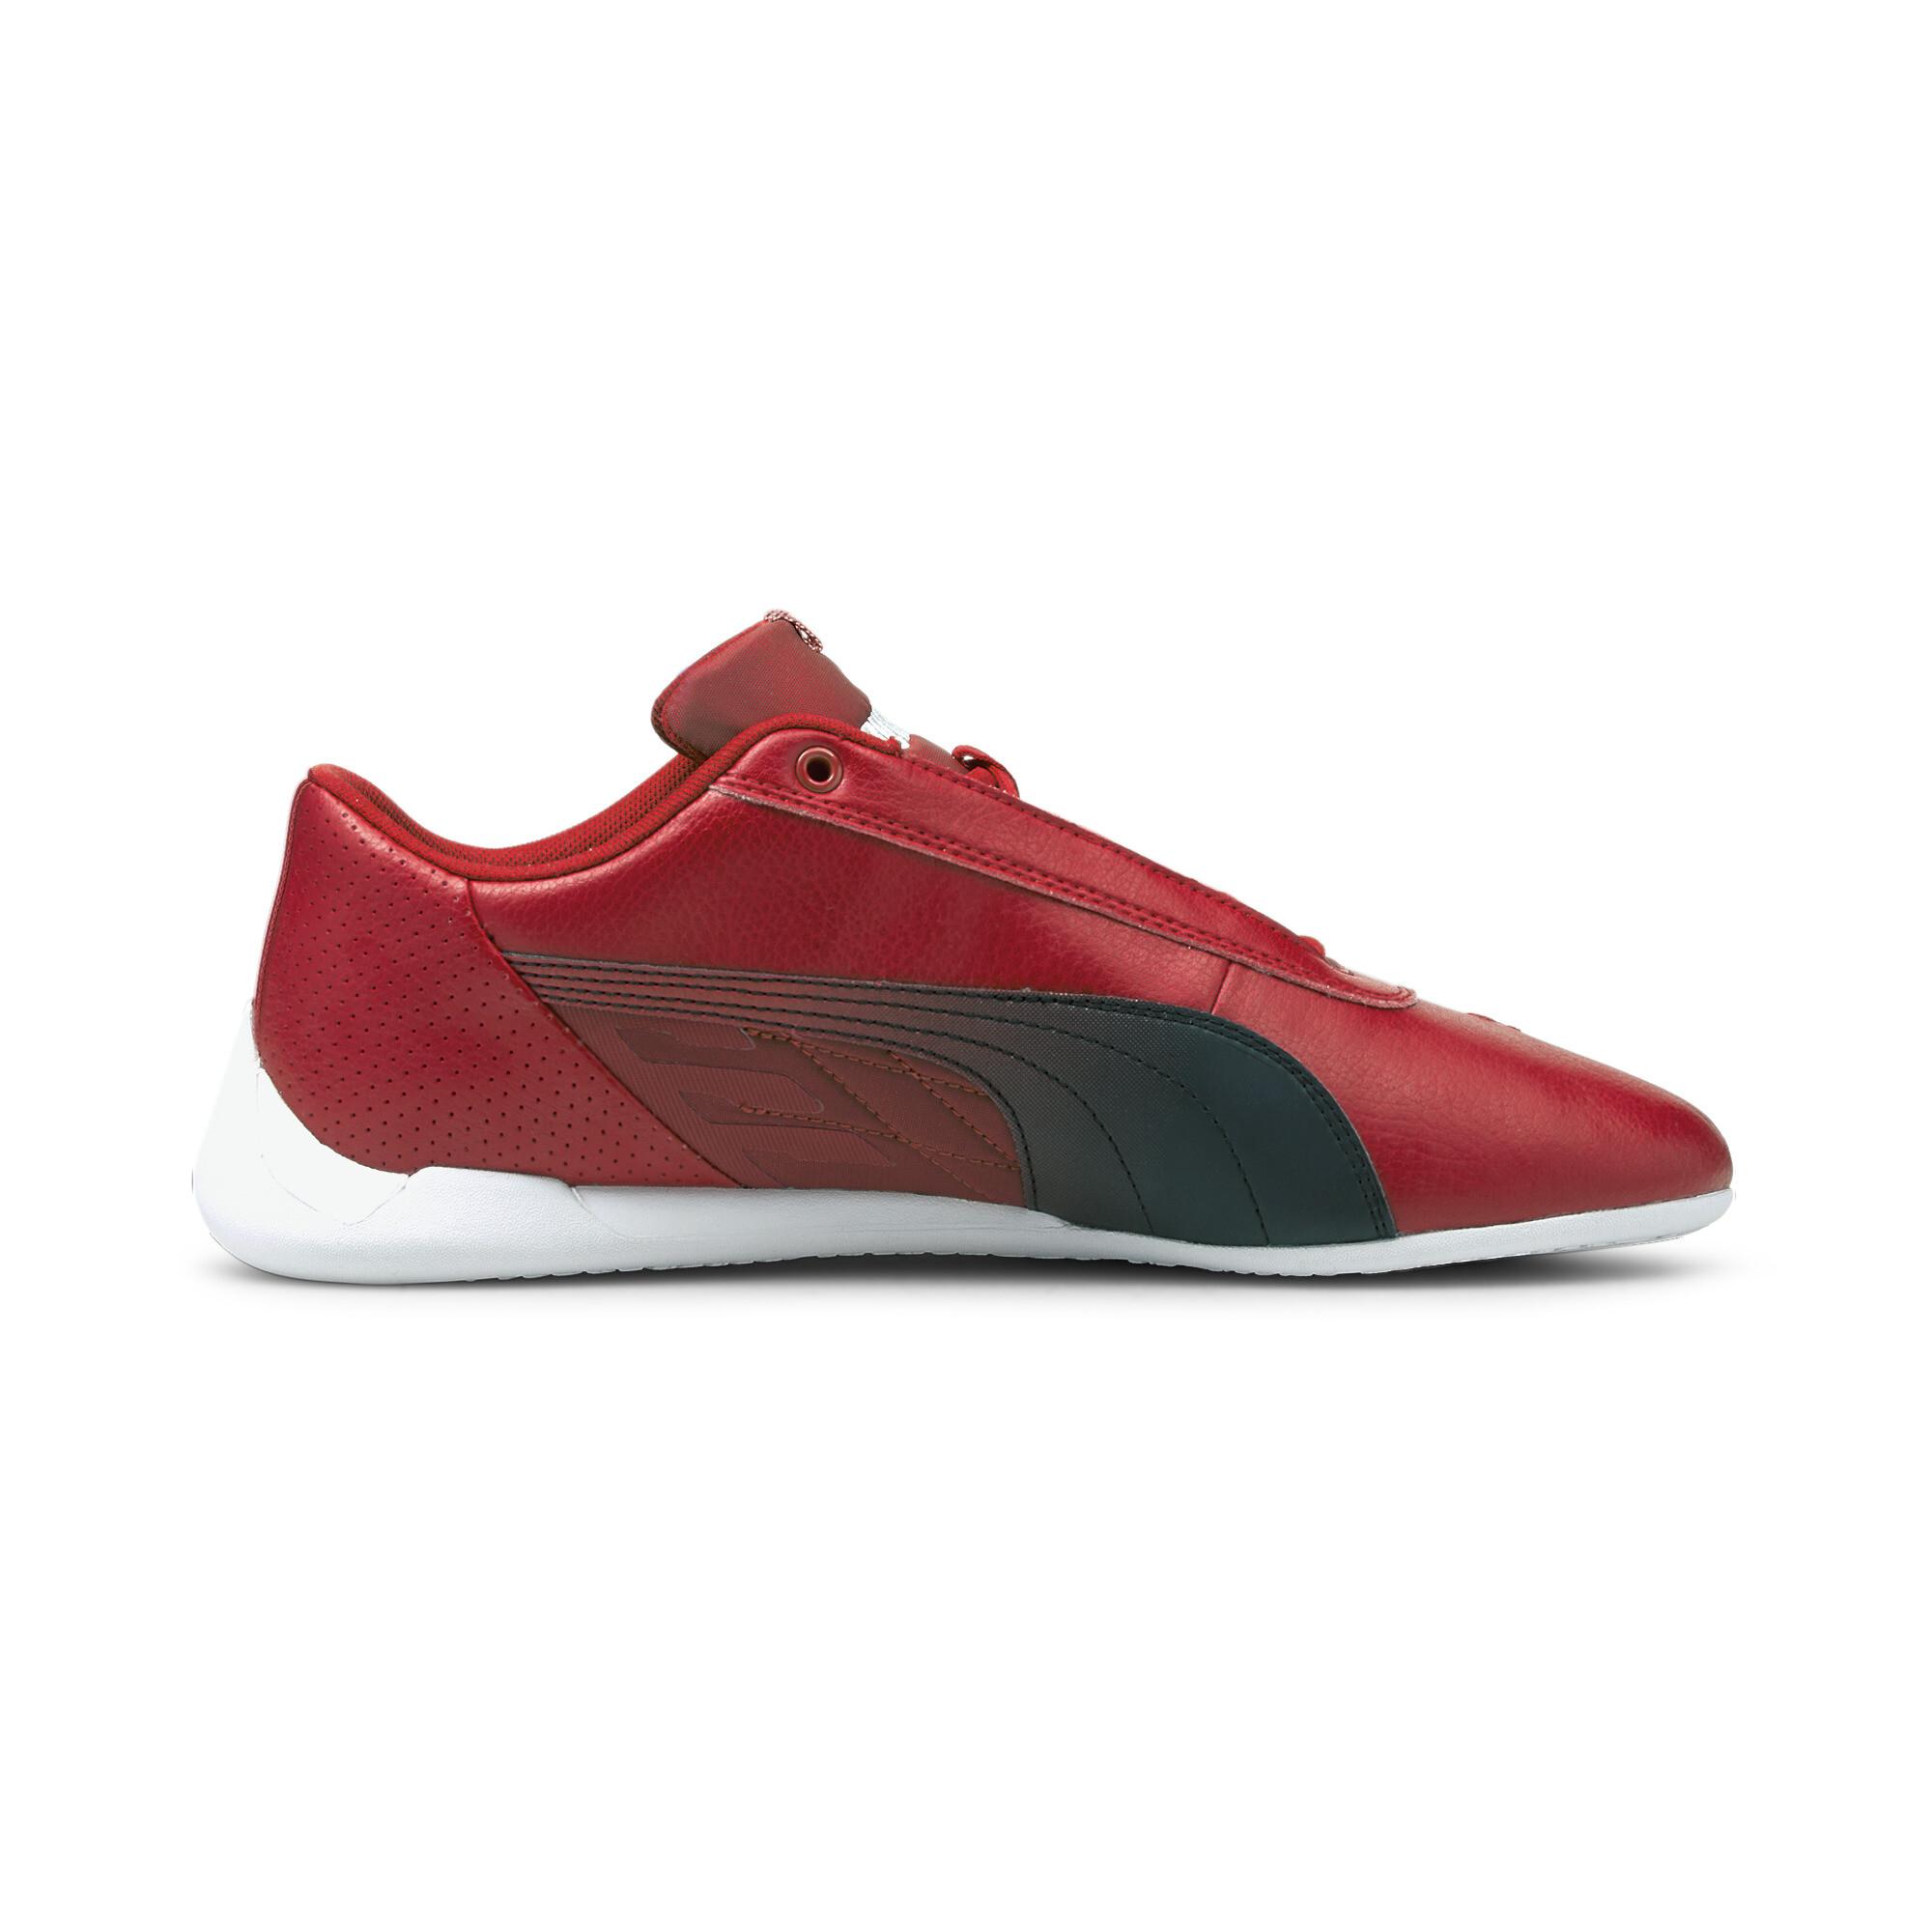 thumbnail 16 - PUMA Men's Scuderia Ferrari R-Cat Motorsport Shoes